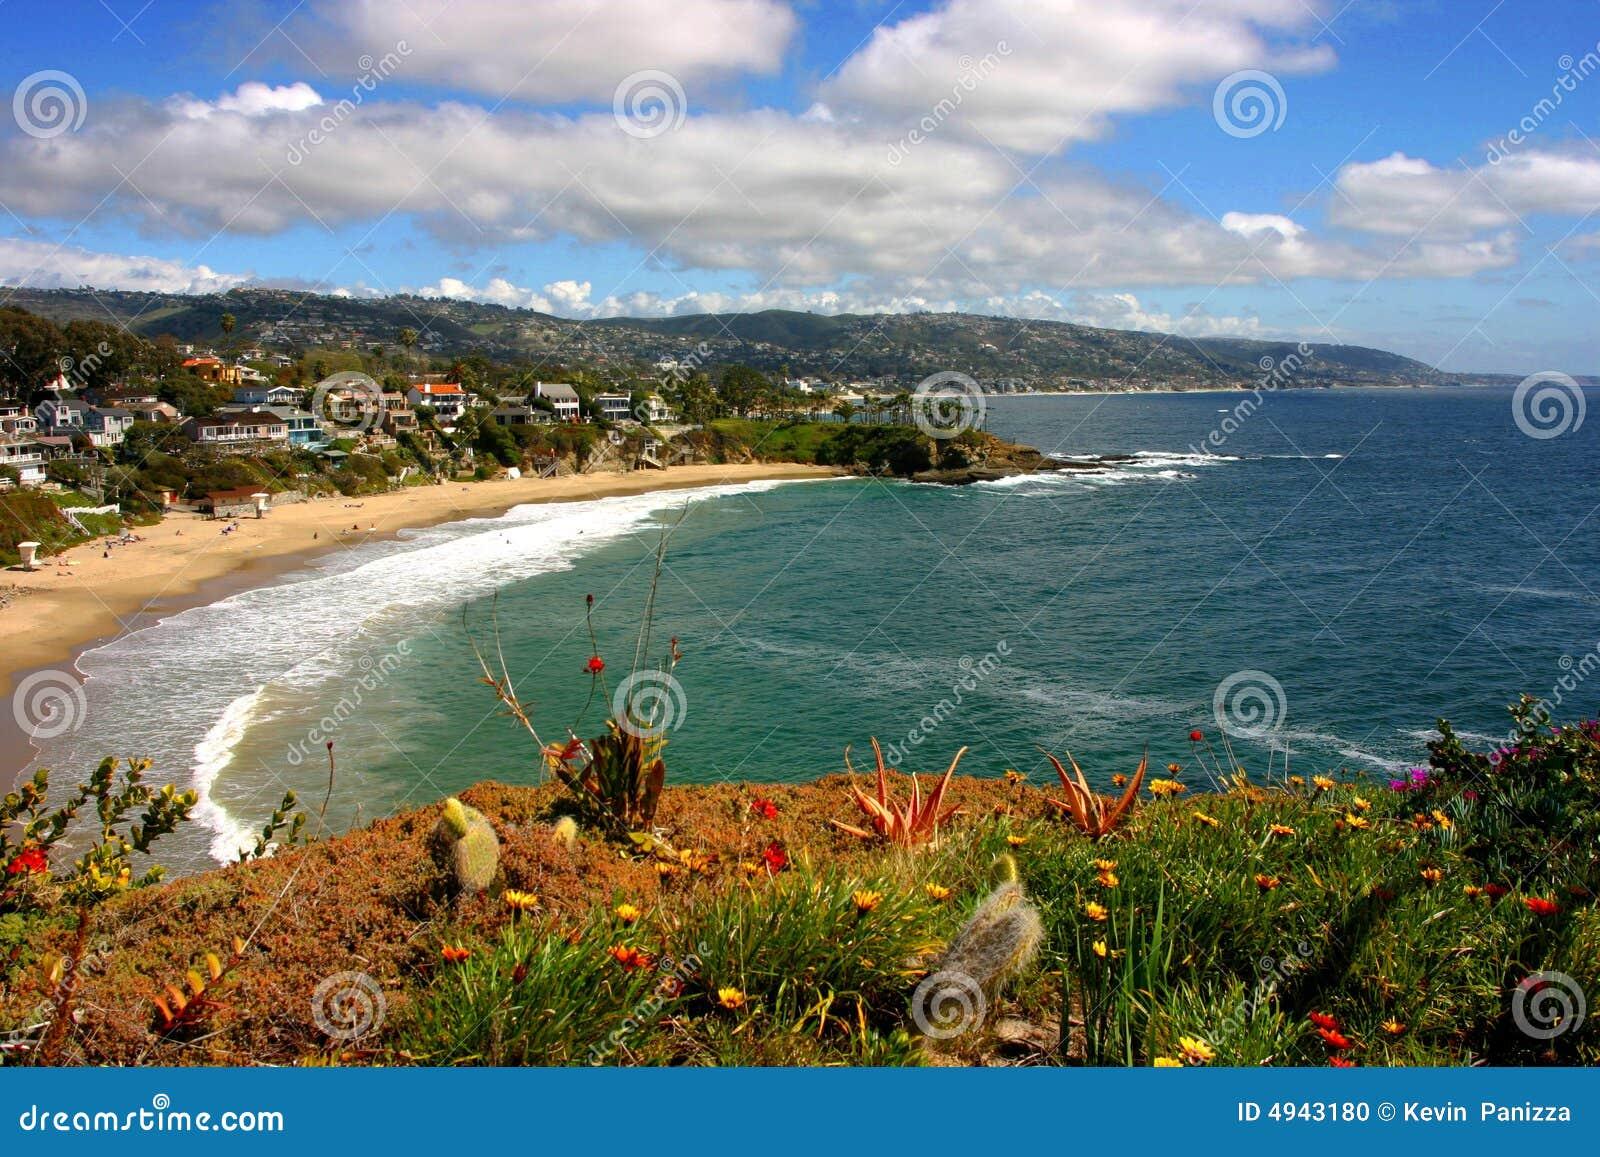 Laguna Beach en croissant de crique